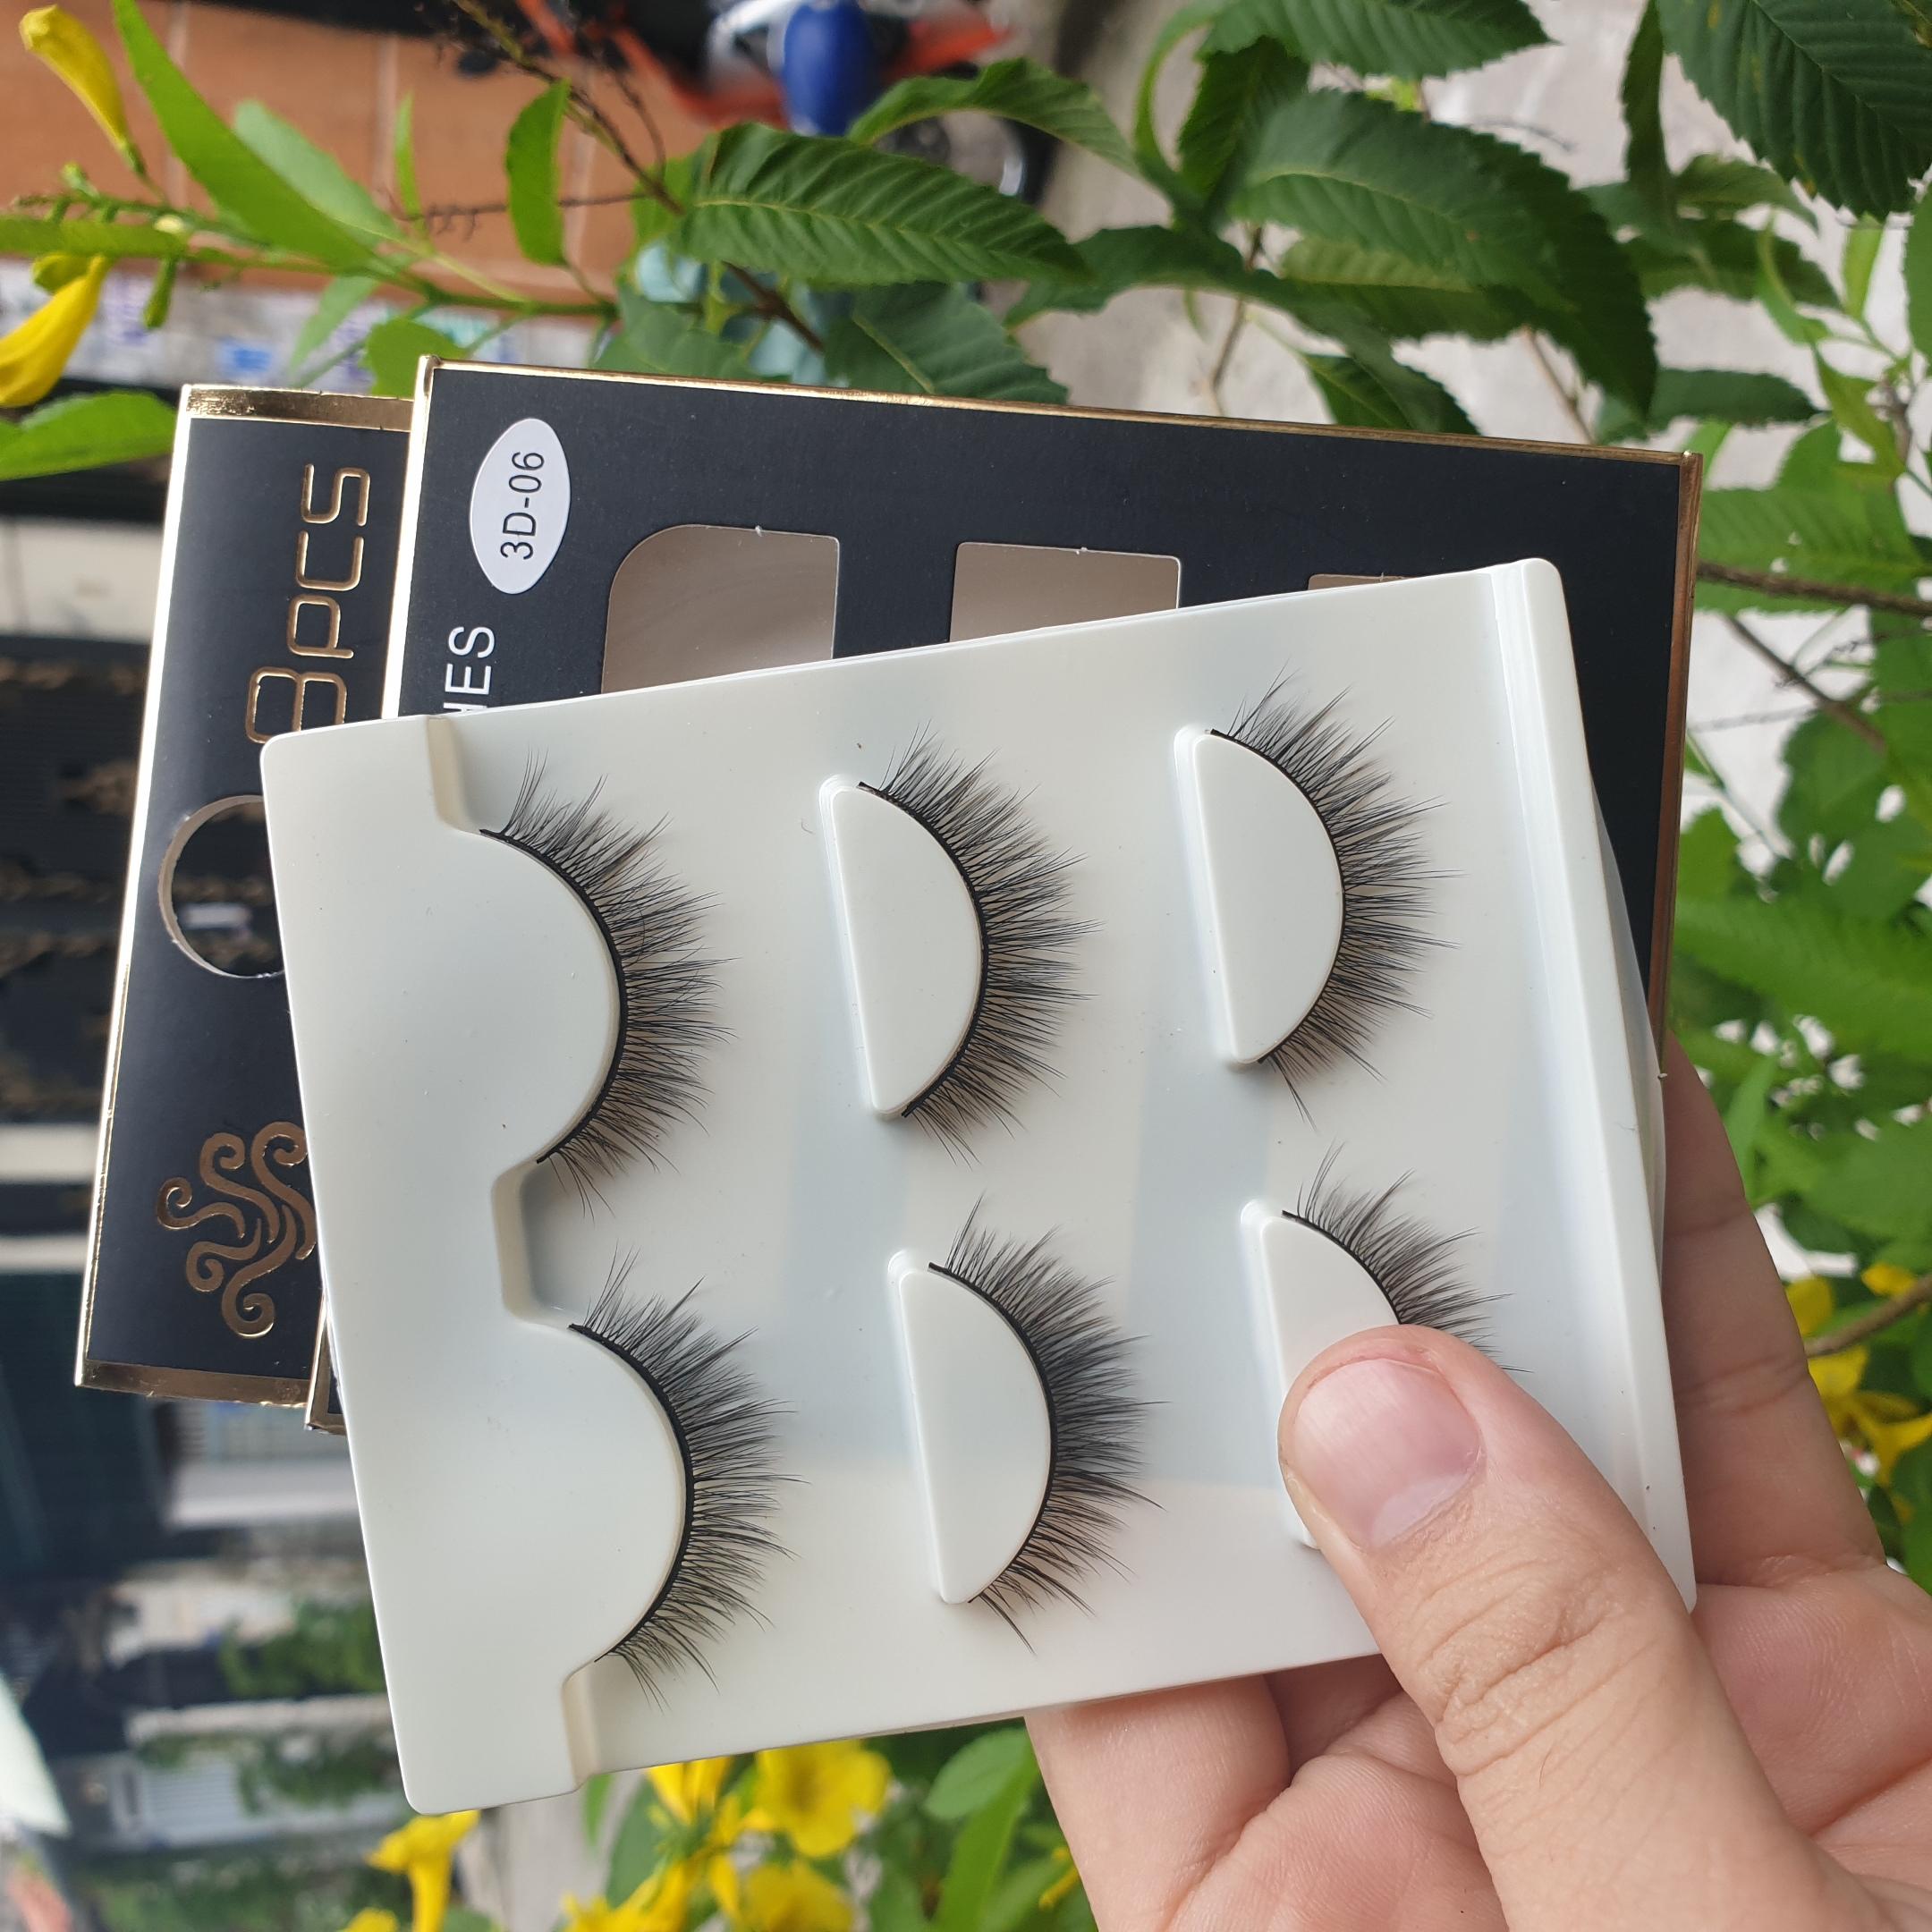 Lông mi giả lông chồn 3 Fashion Eyelashes 3 Faux-Cils 3D 1 bộ 3 cặp 23